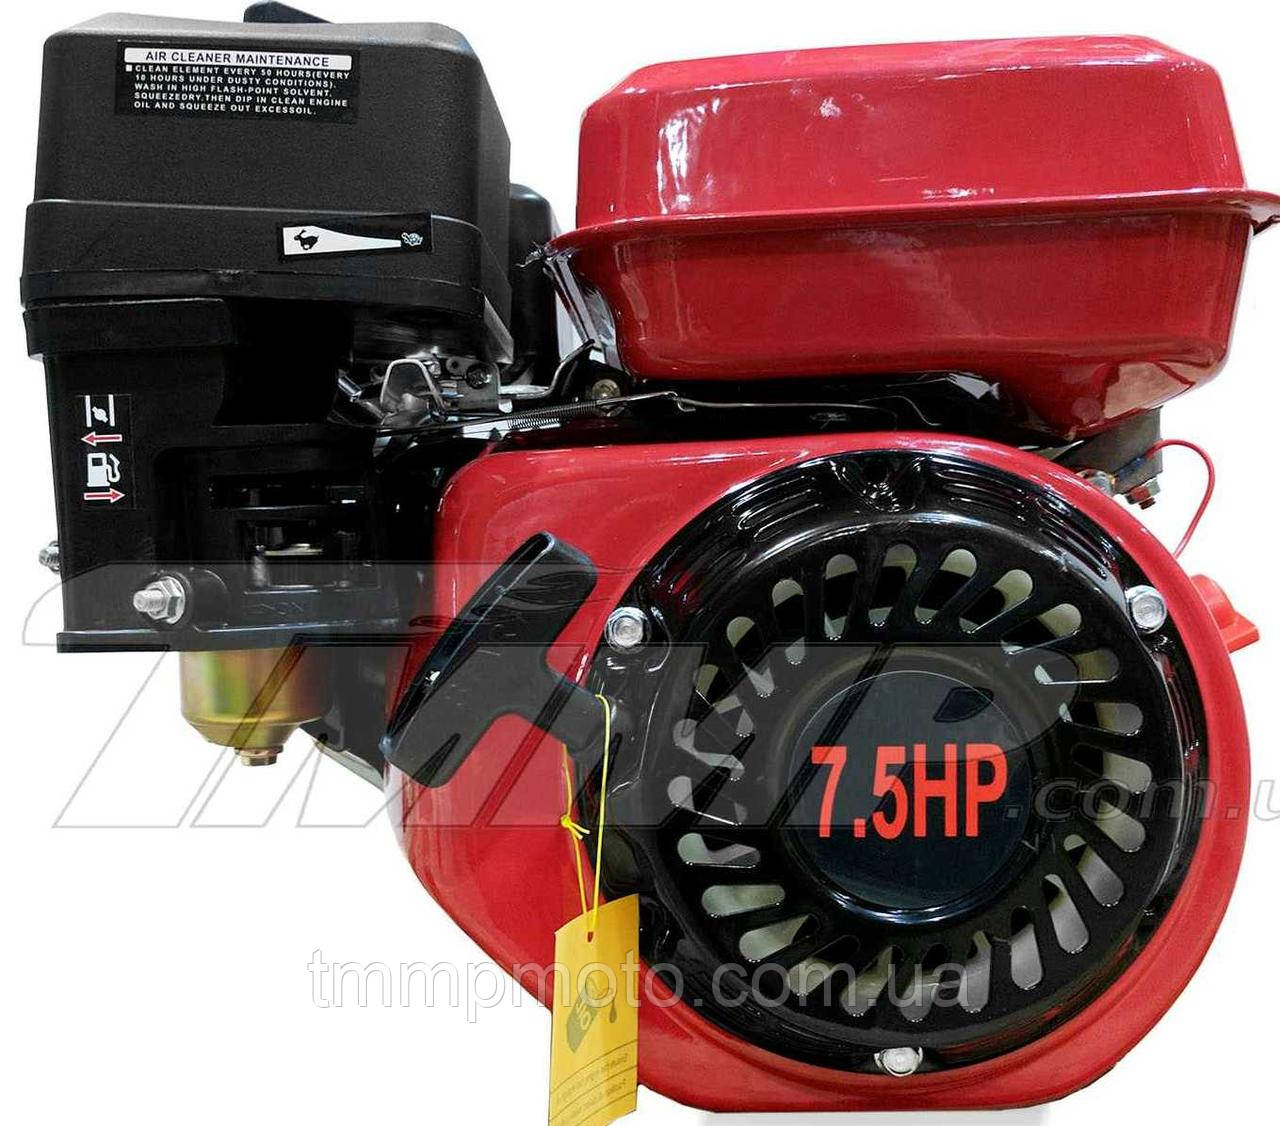 Двигатель мотоблок 170F  d=25mm под шлиц  (7,5 HP, датчик масла , бумажный фильтр)